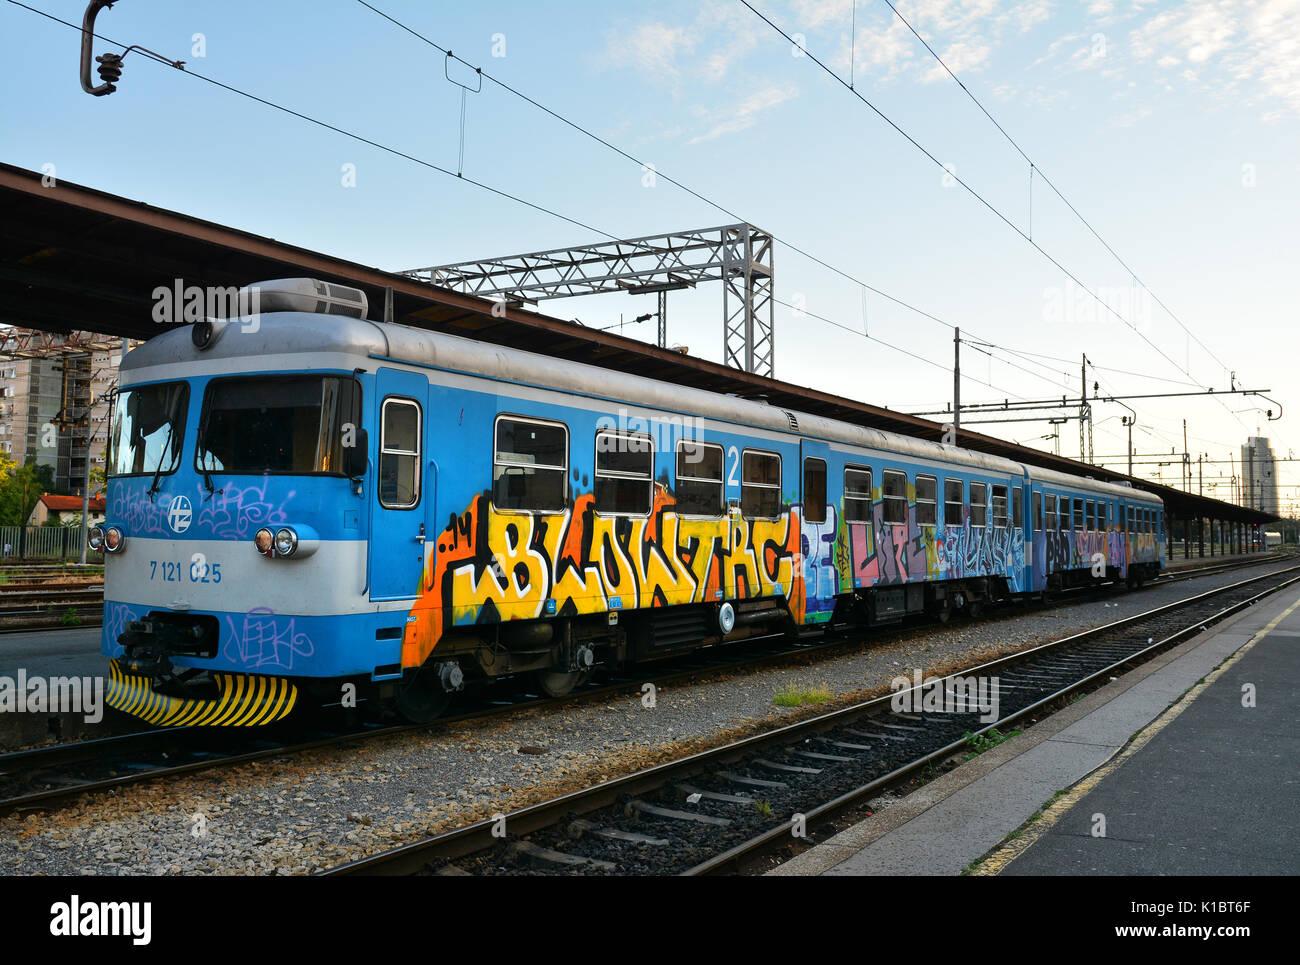 Zagreb Kroatien 14 Juli 2017 Zug In Die Zagreb Glavni Kolodvor Der Hauptbahnhof In Zagreb City Der Hauptstadt Von Kroatien Stockfotografie Alamy